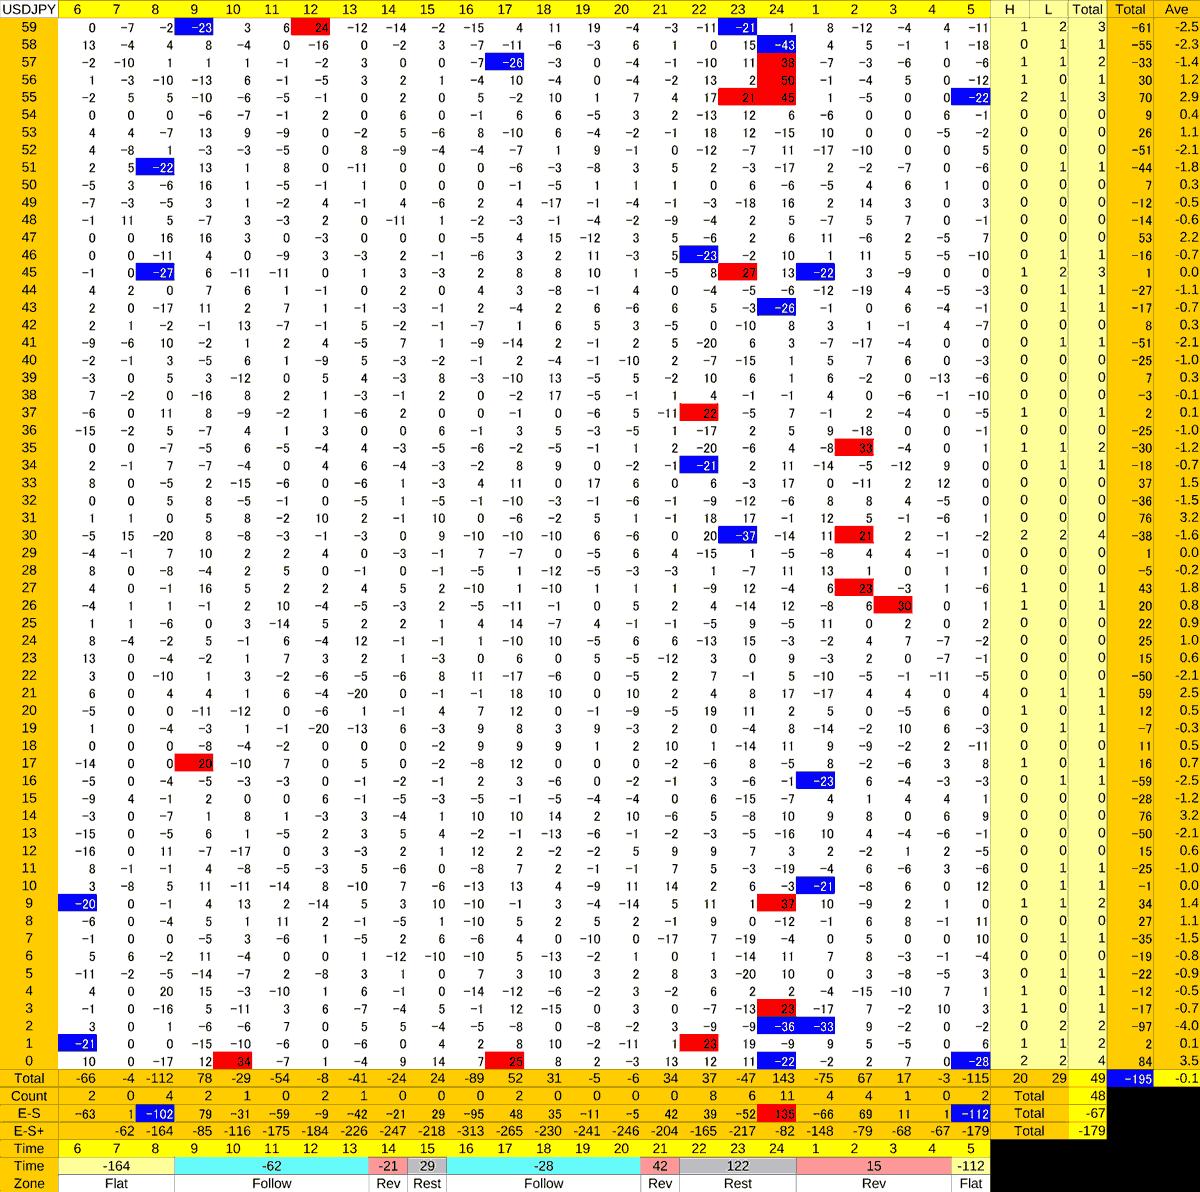 20201223_HS(1)USDJPY